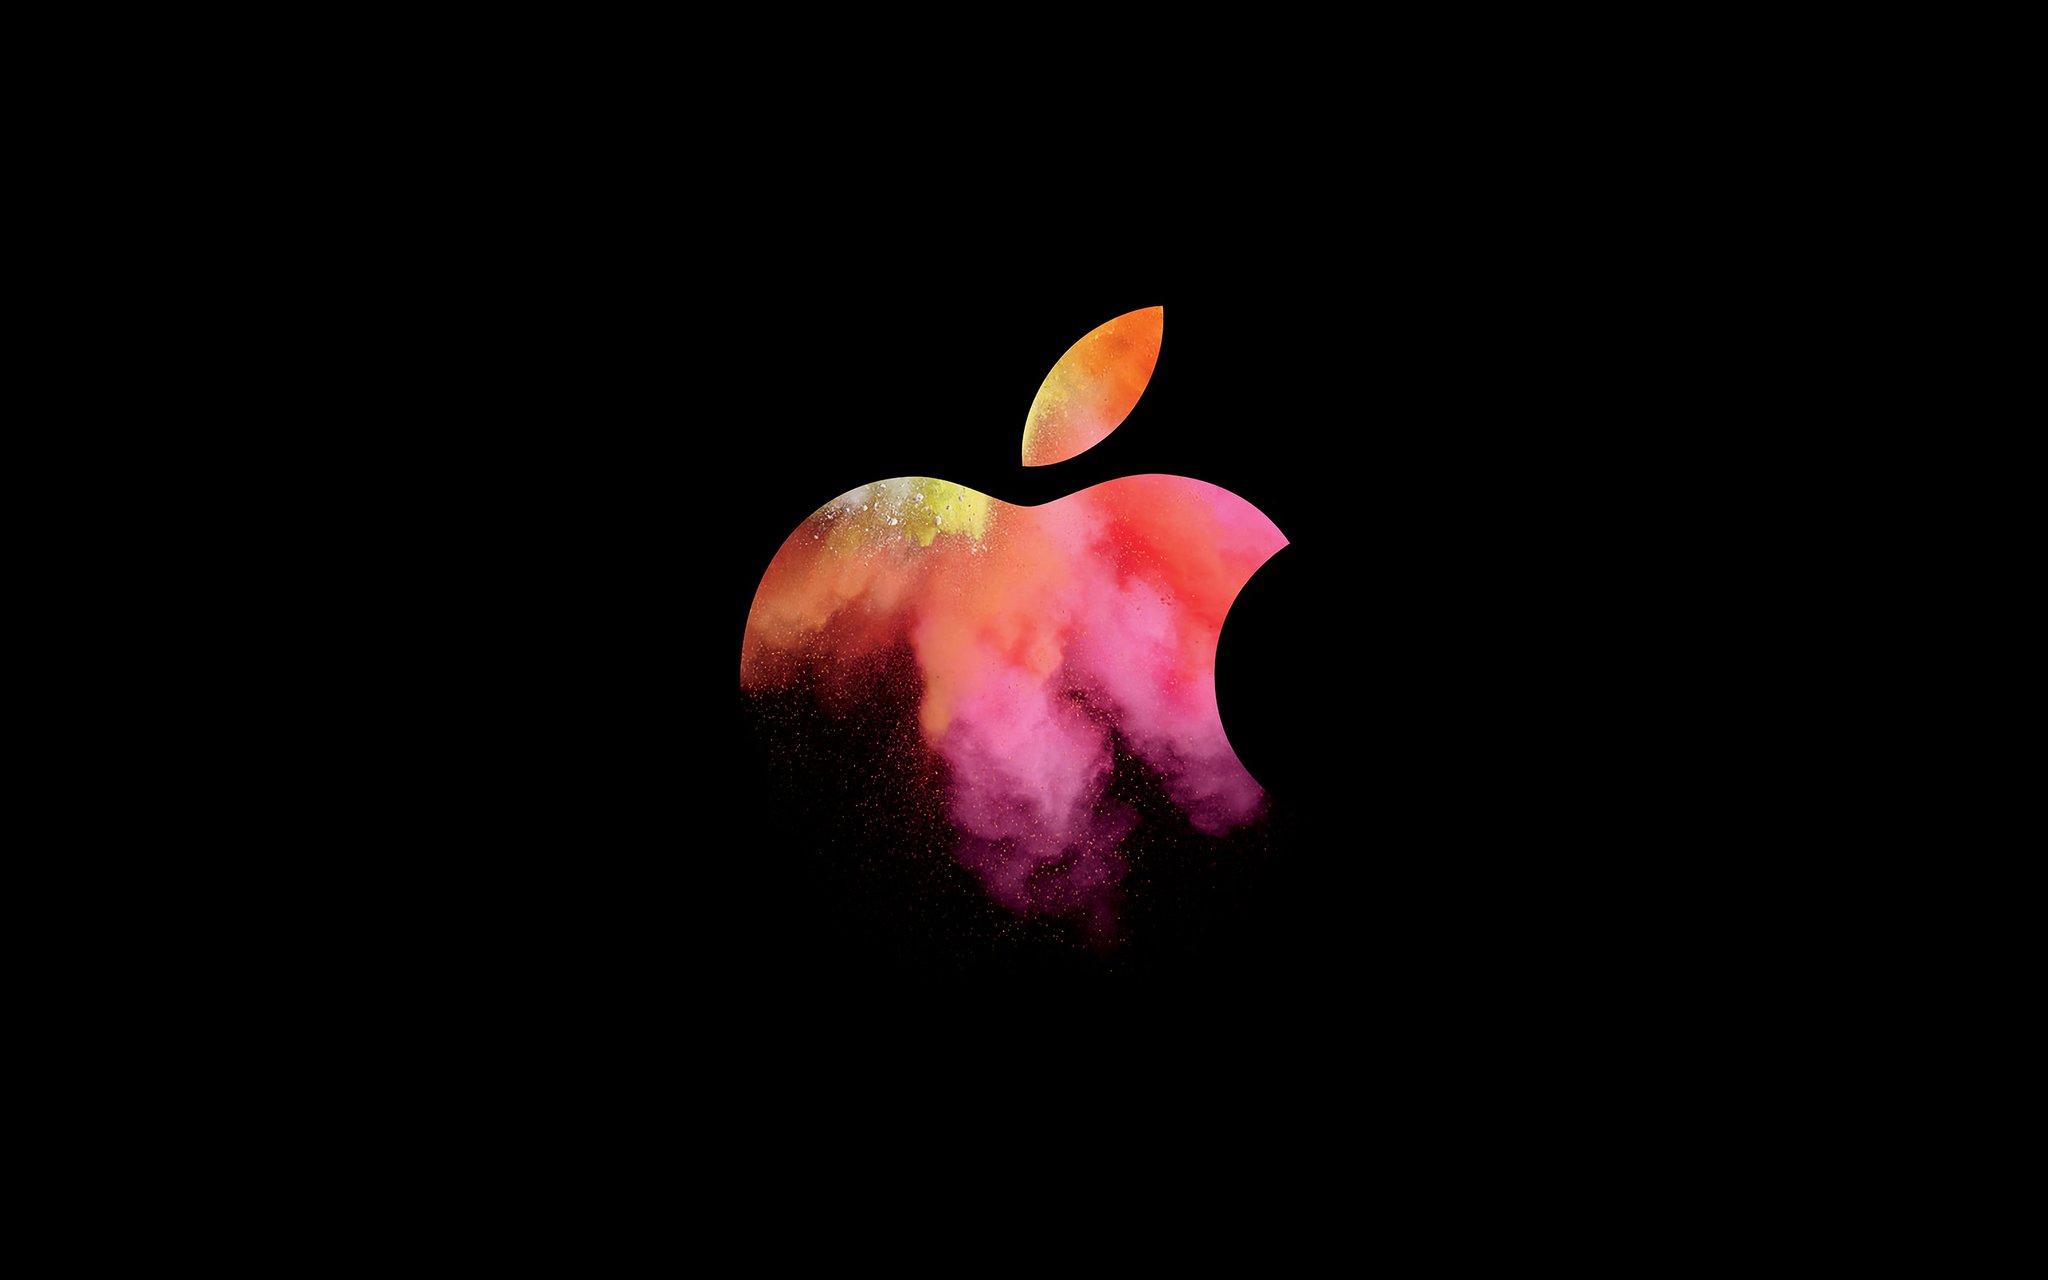 AaronXic Apple October 27 Event desktop